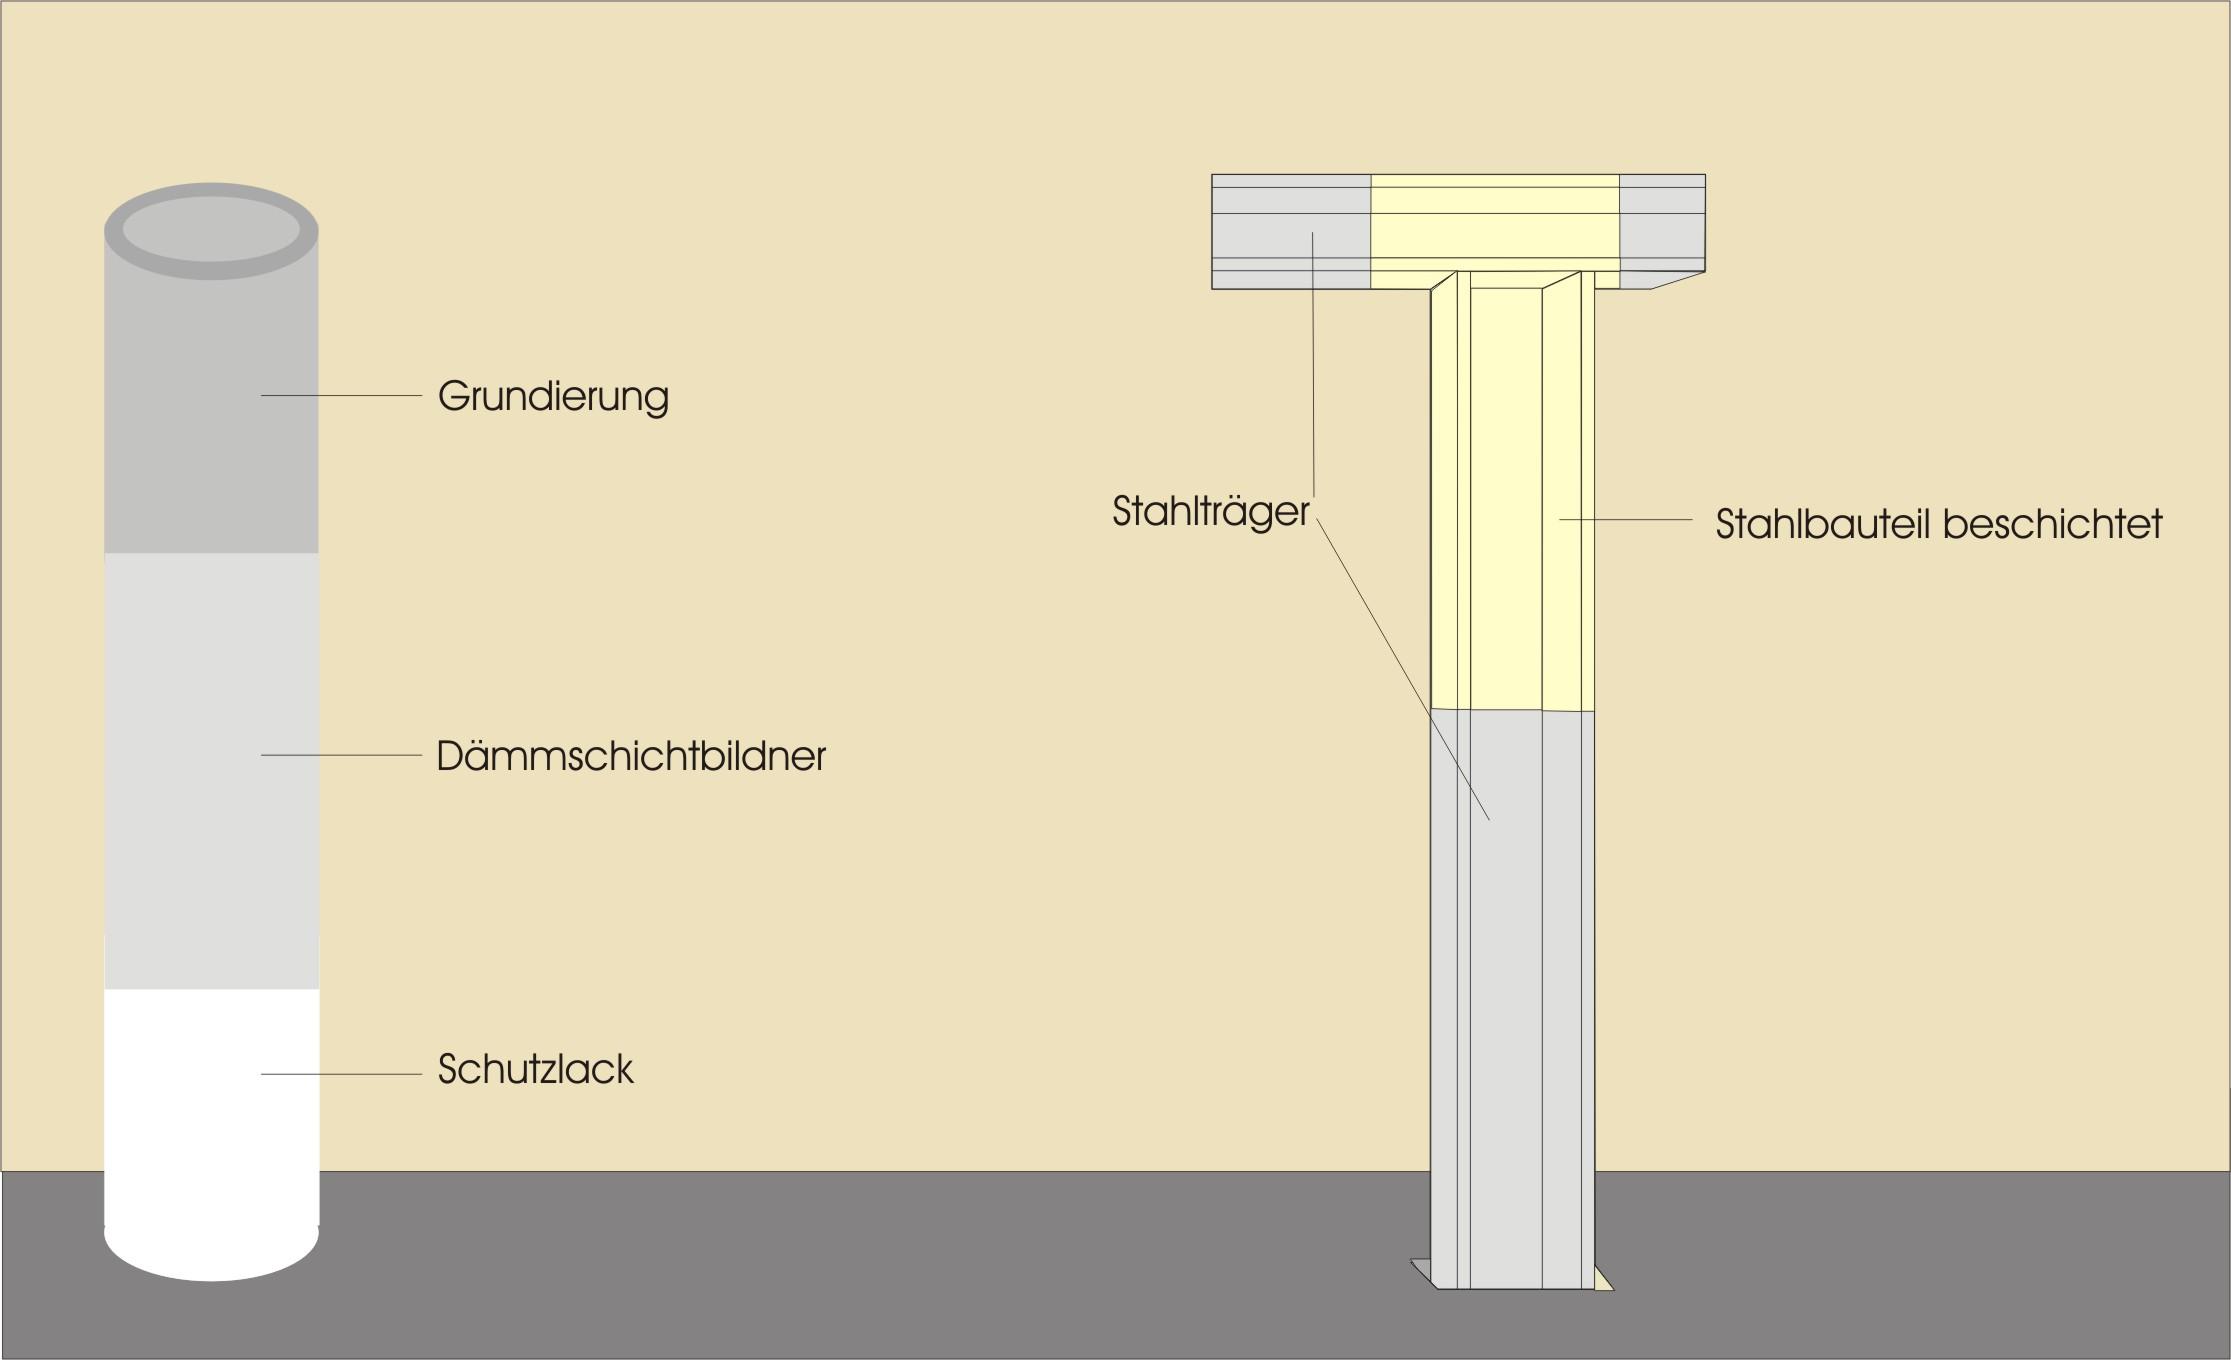 brandschutzbeschichtung von stahlbauteilen stahlkonstruktion bemus brandschutz. Black Bedroom Furniture Sets. Home Design Ideas